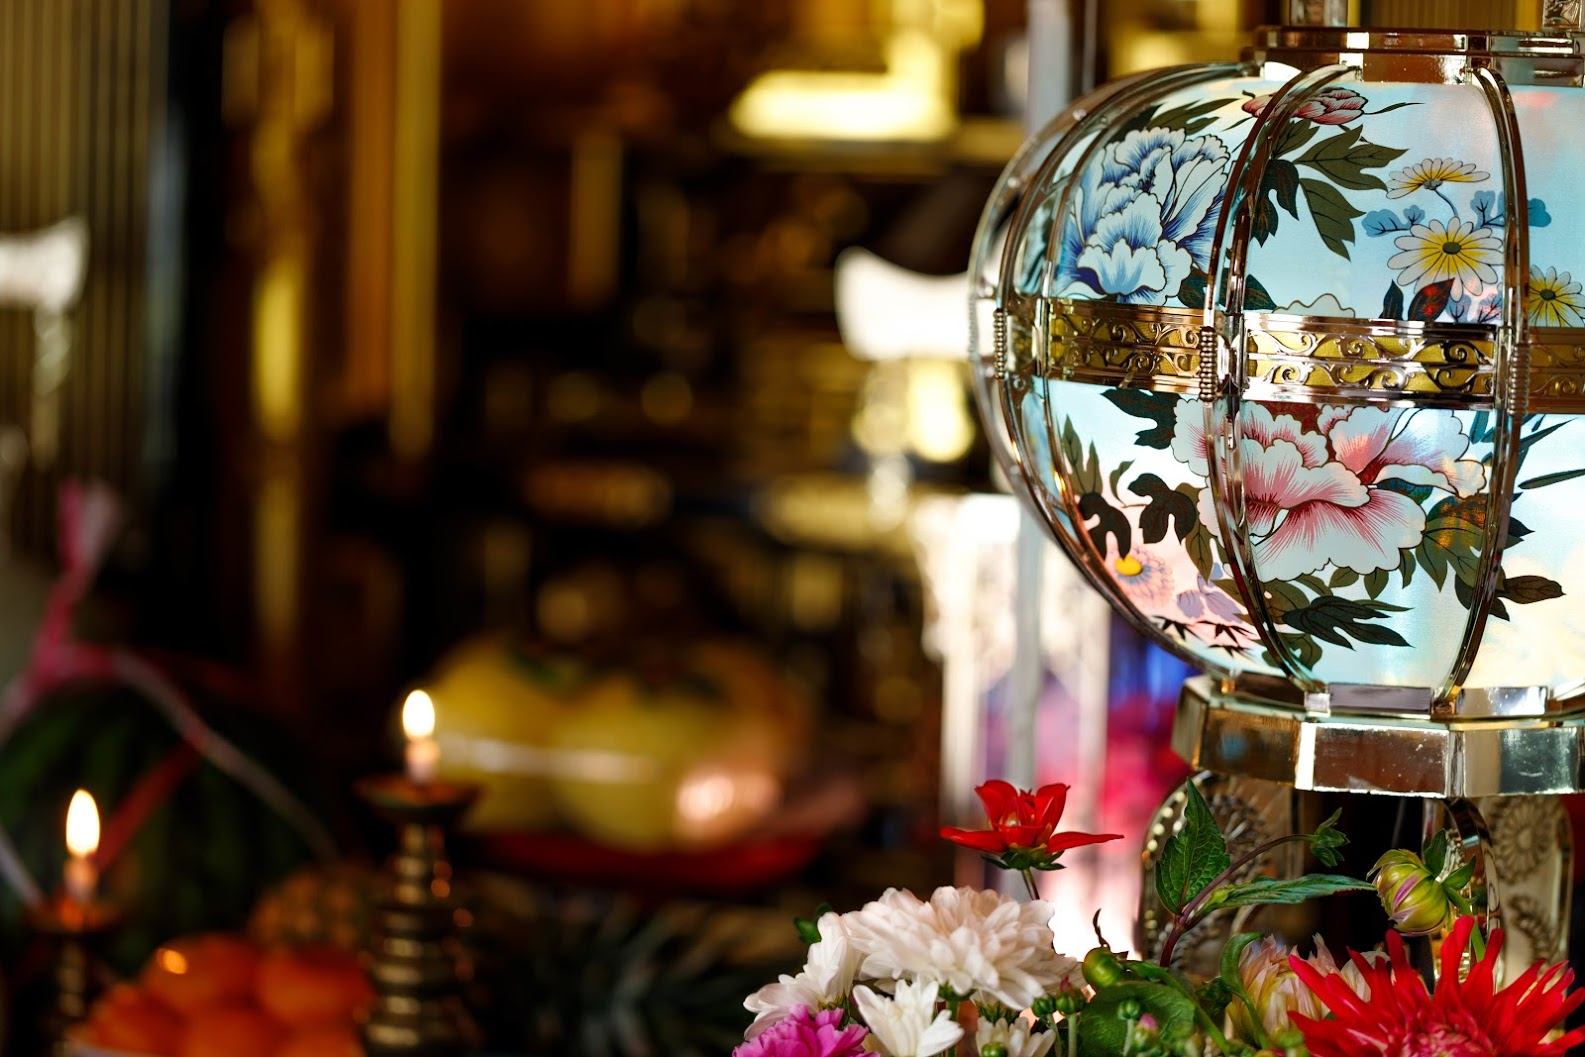 【葬儀】提灯代の金額の相場や贈る場合のマナーについて解説のサムネイル画像